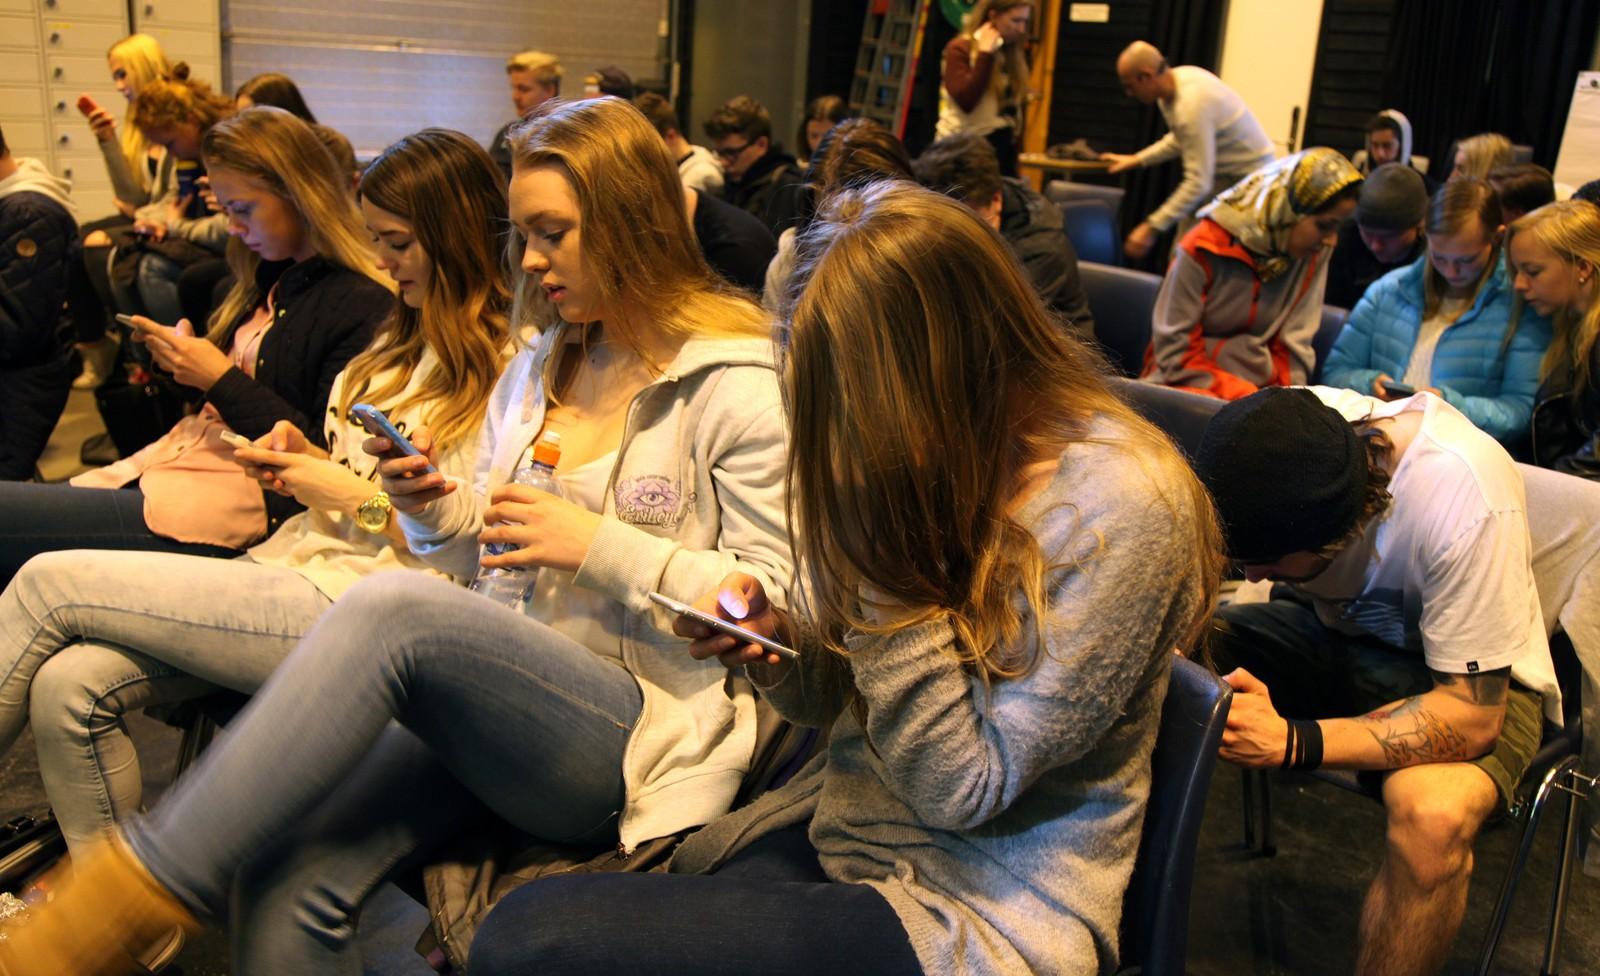 Når vi er stresset stiger stresshormonet kortisol , og da får vi ikke med oss en dritt, vi klarer ikke å huske noe eller konsentrere oss, minnet Wedde om før elevene gikk inn i mobilappen.